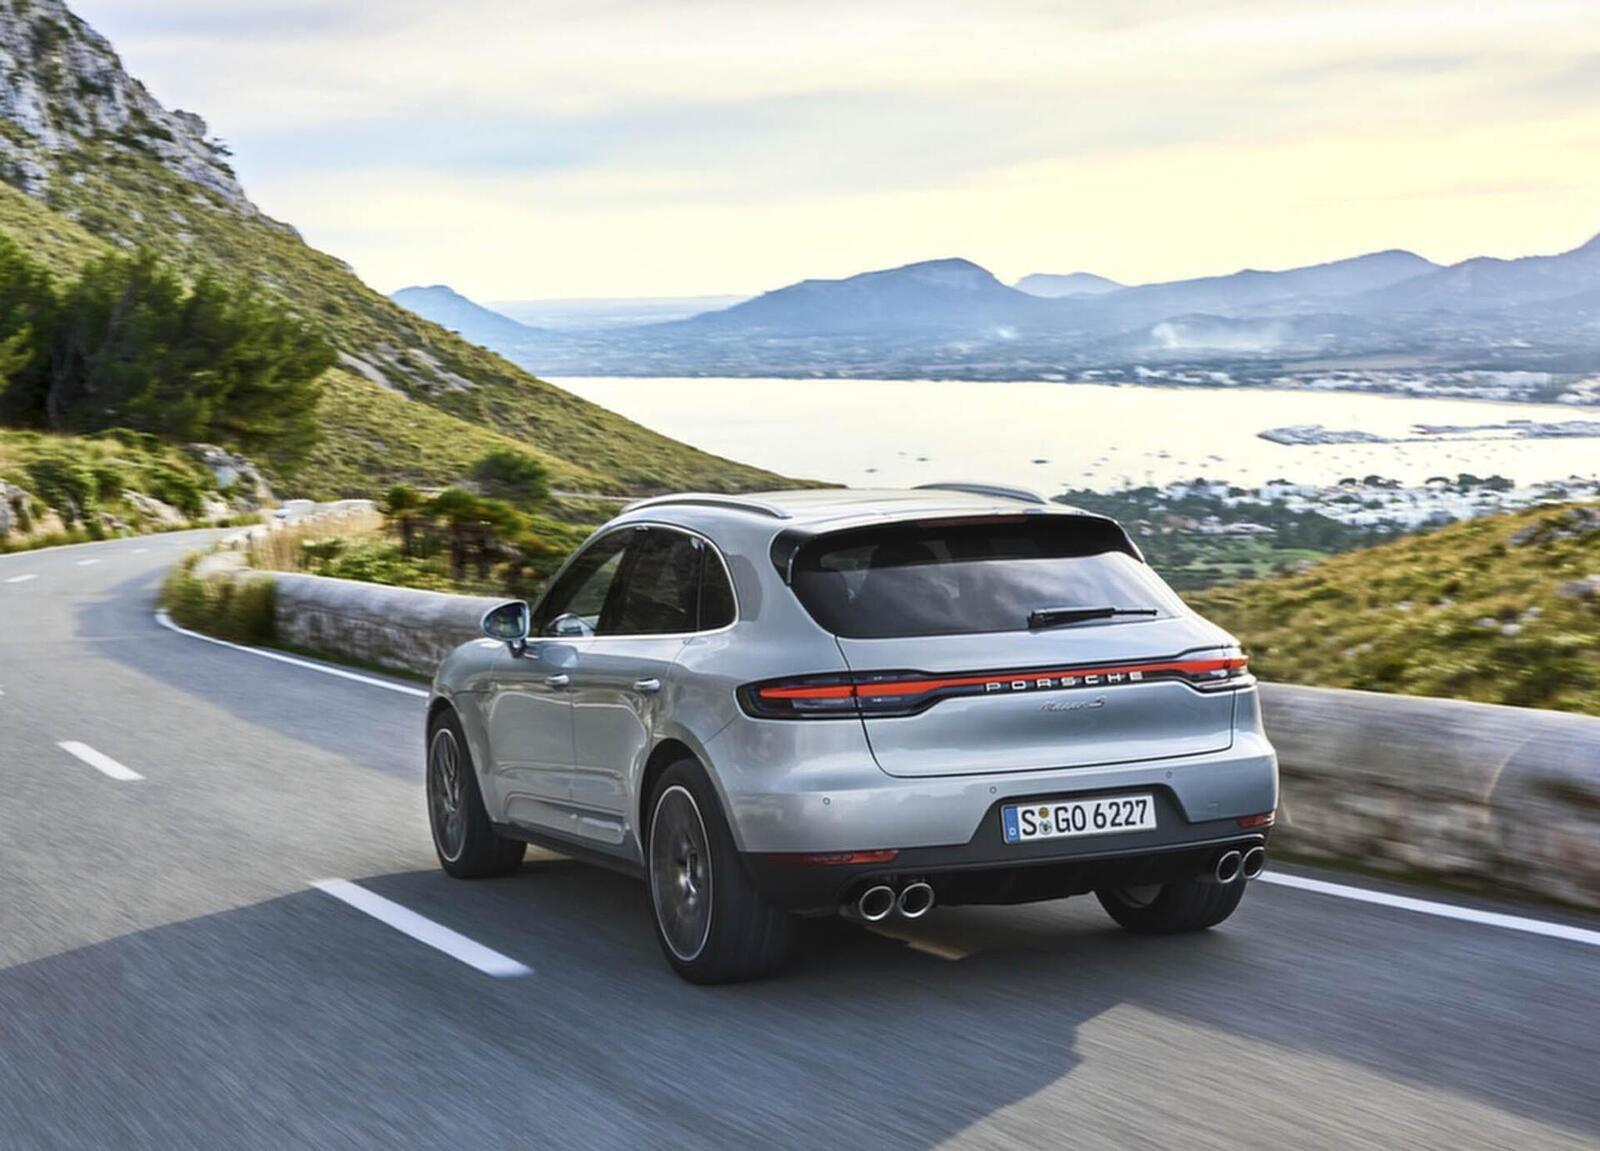 Porsche Macan S 2019 có giá 3,62 tỷ đồng tại Việt Nam; lắp máy V6 3.0L tăng áp mạnh mẽ - Hình 2